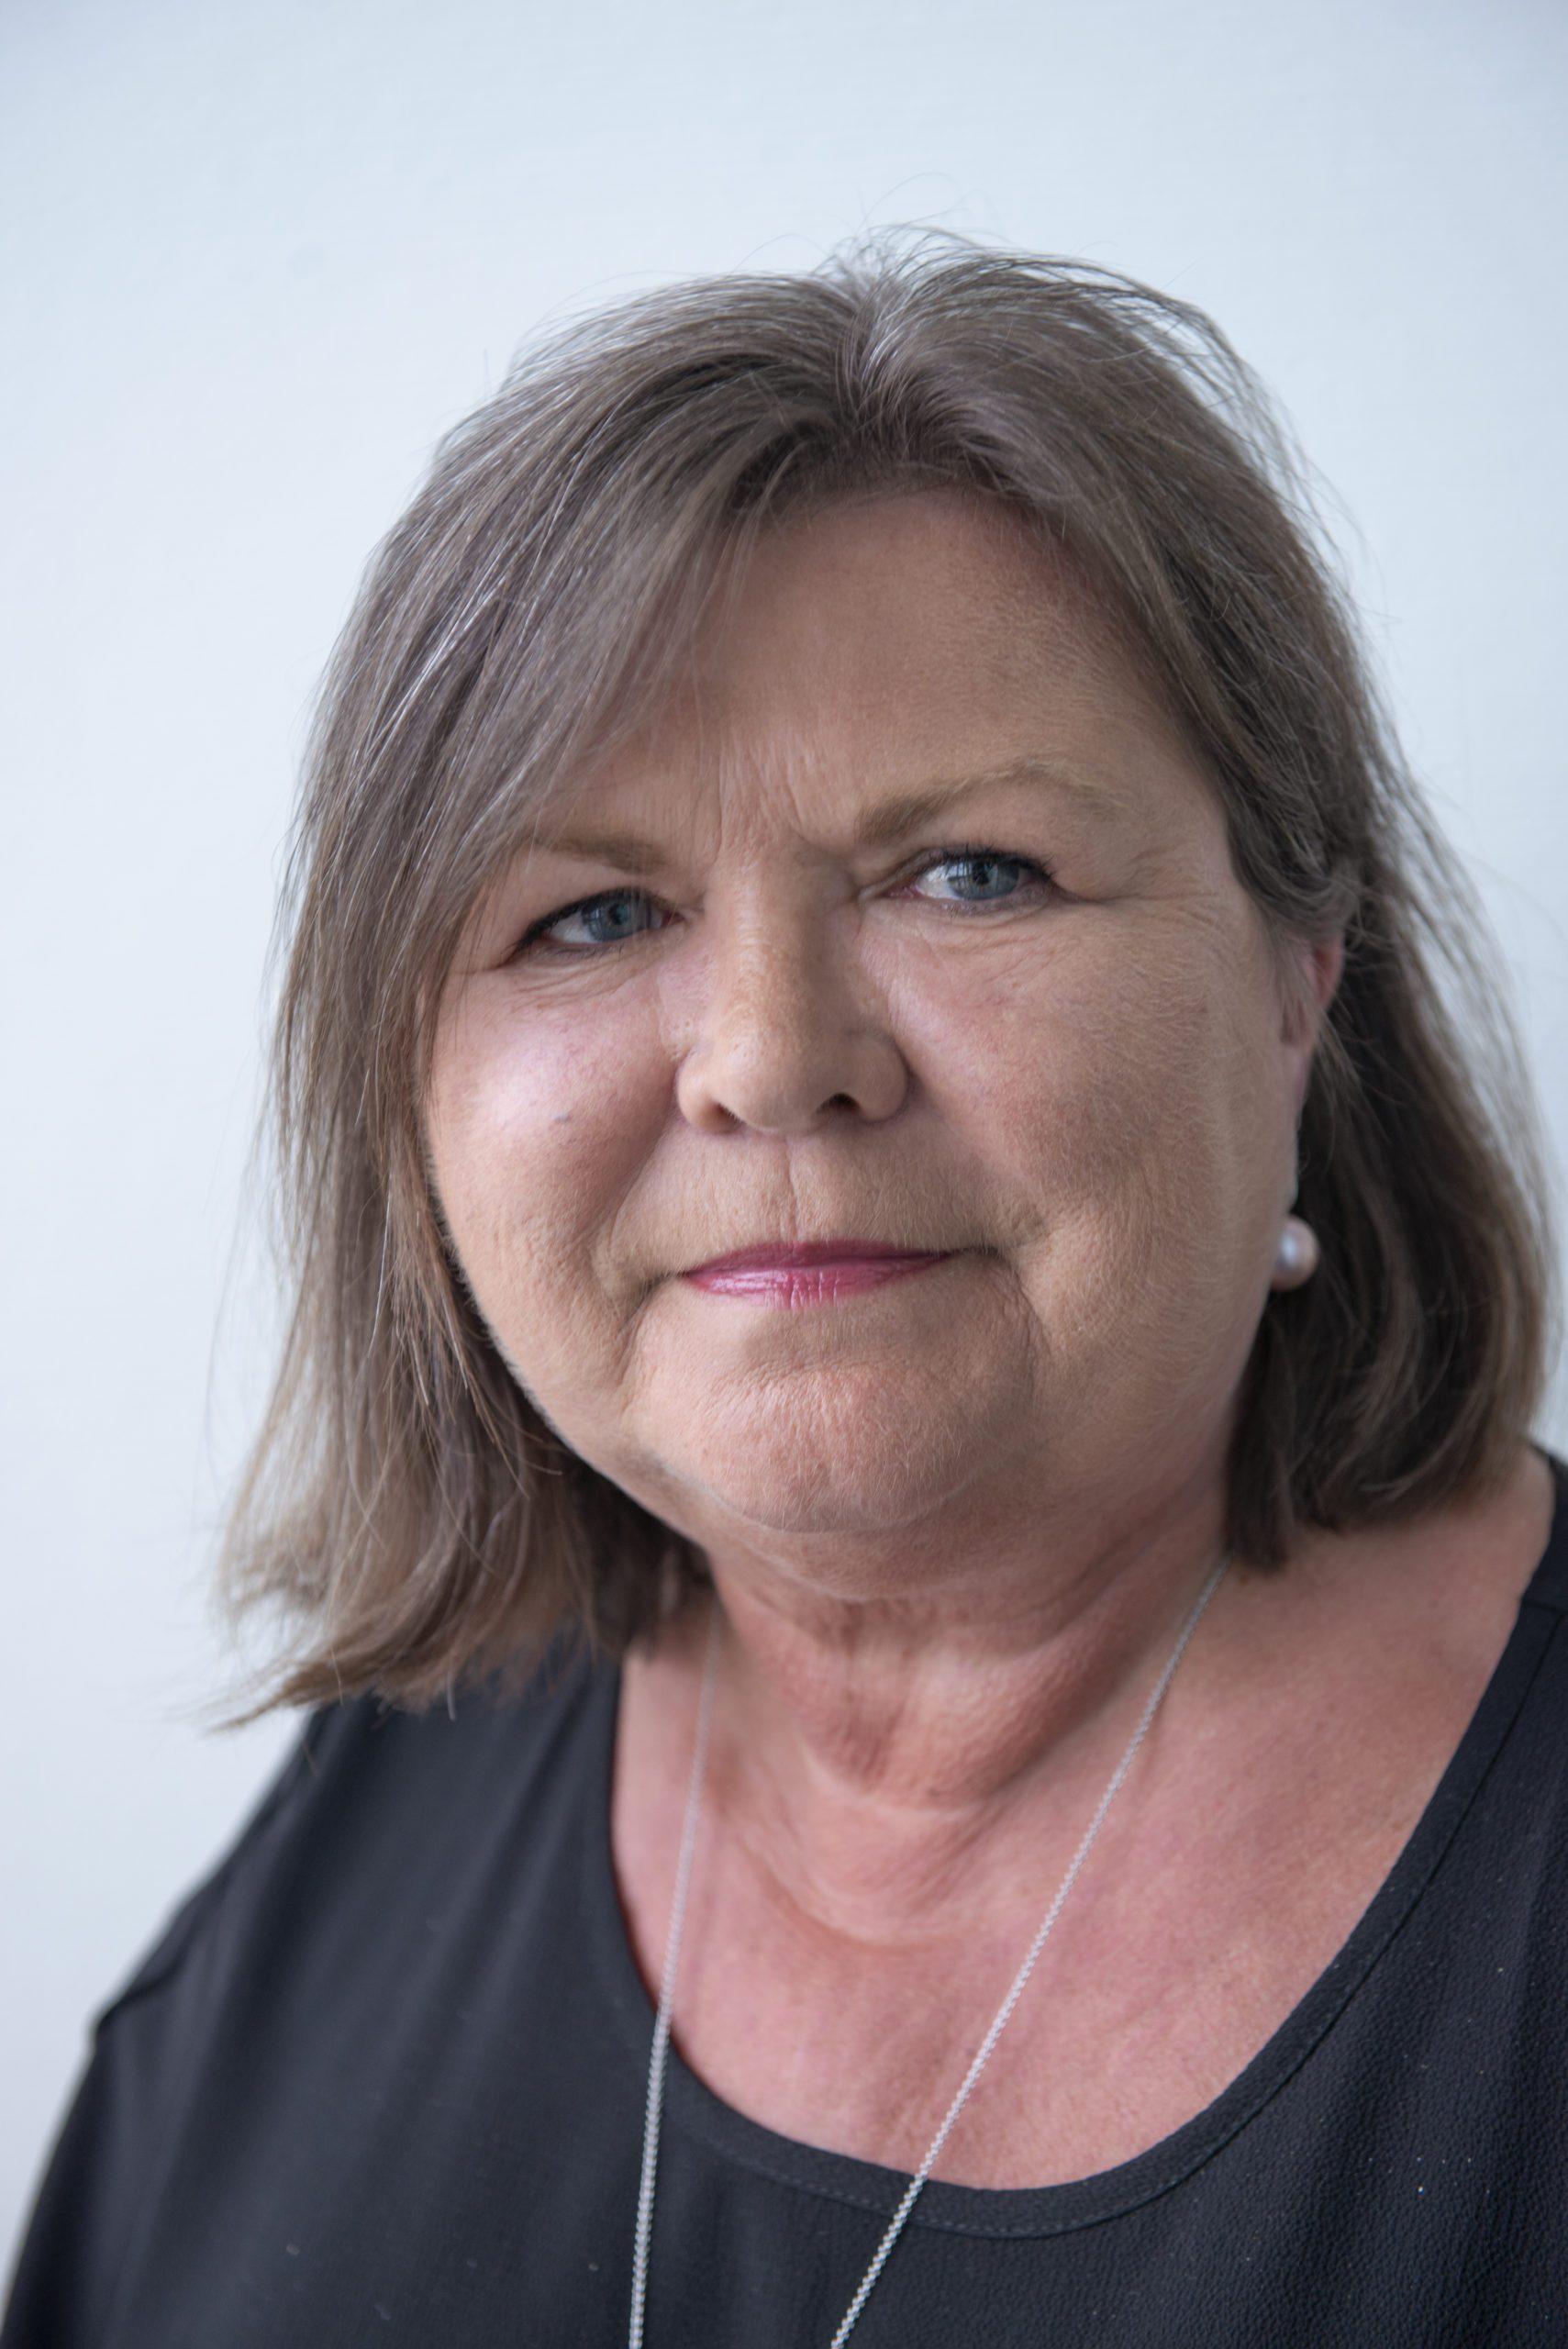 Lise Osjord